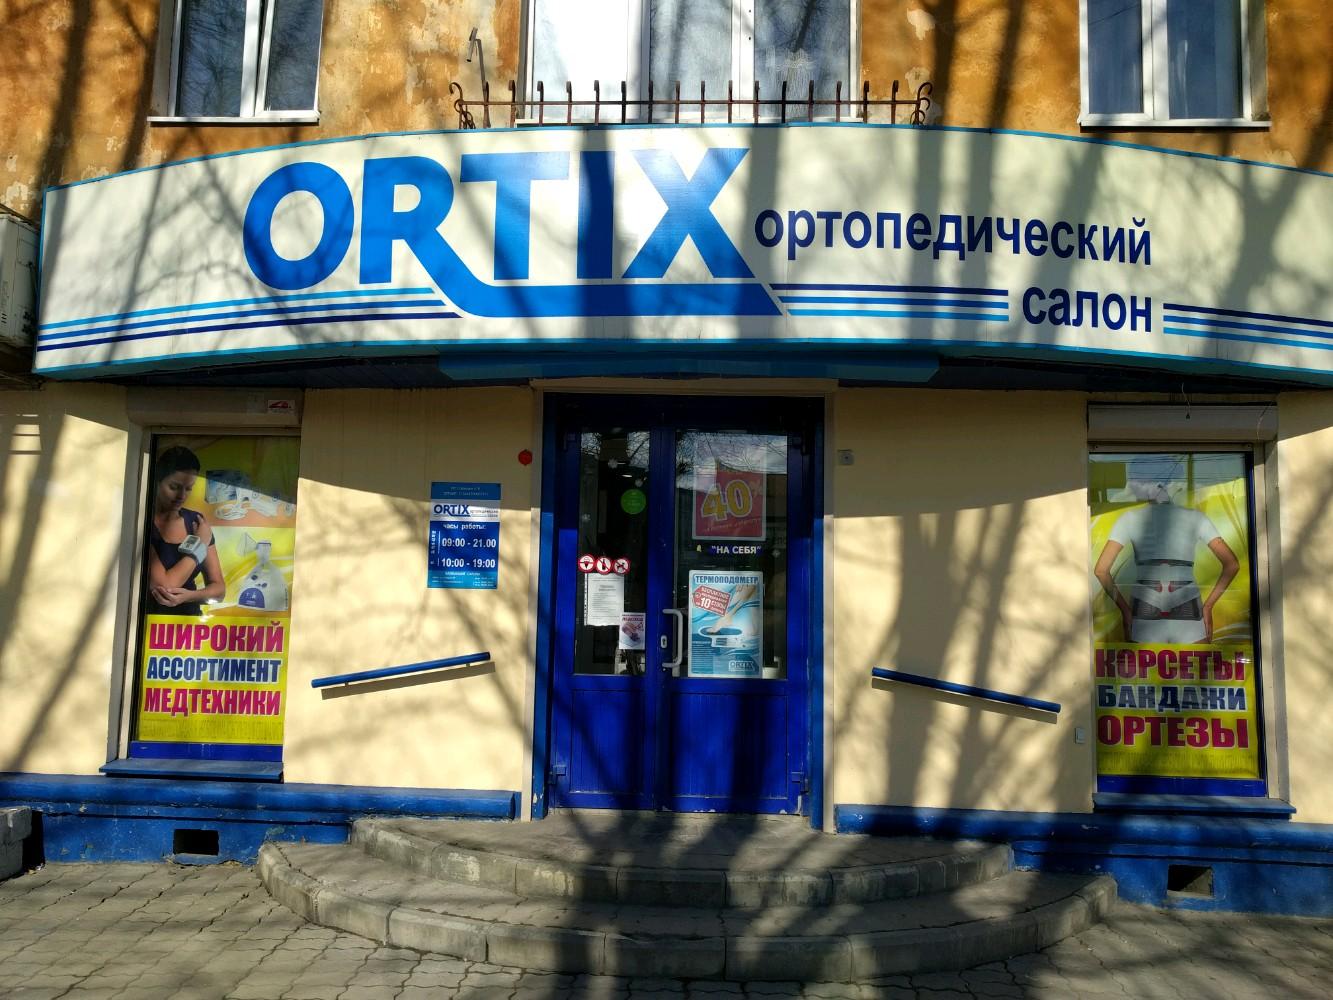 770e31f3d00d Меню и цены Ortix в Екатеринбурге — Яндекс.Карты